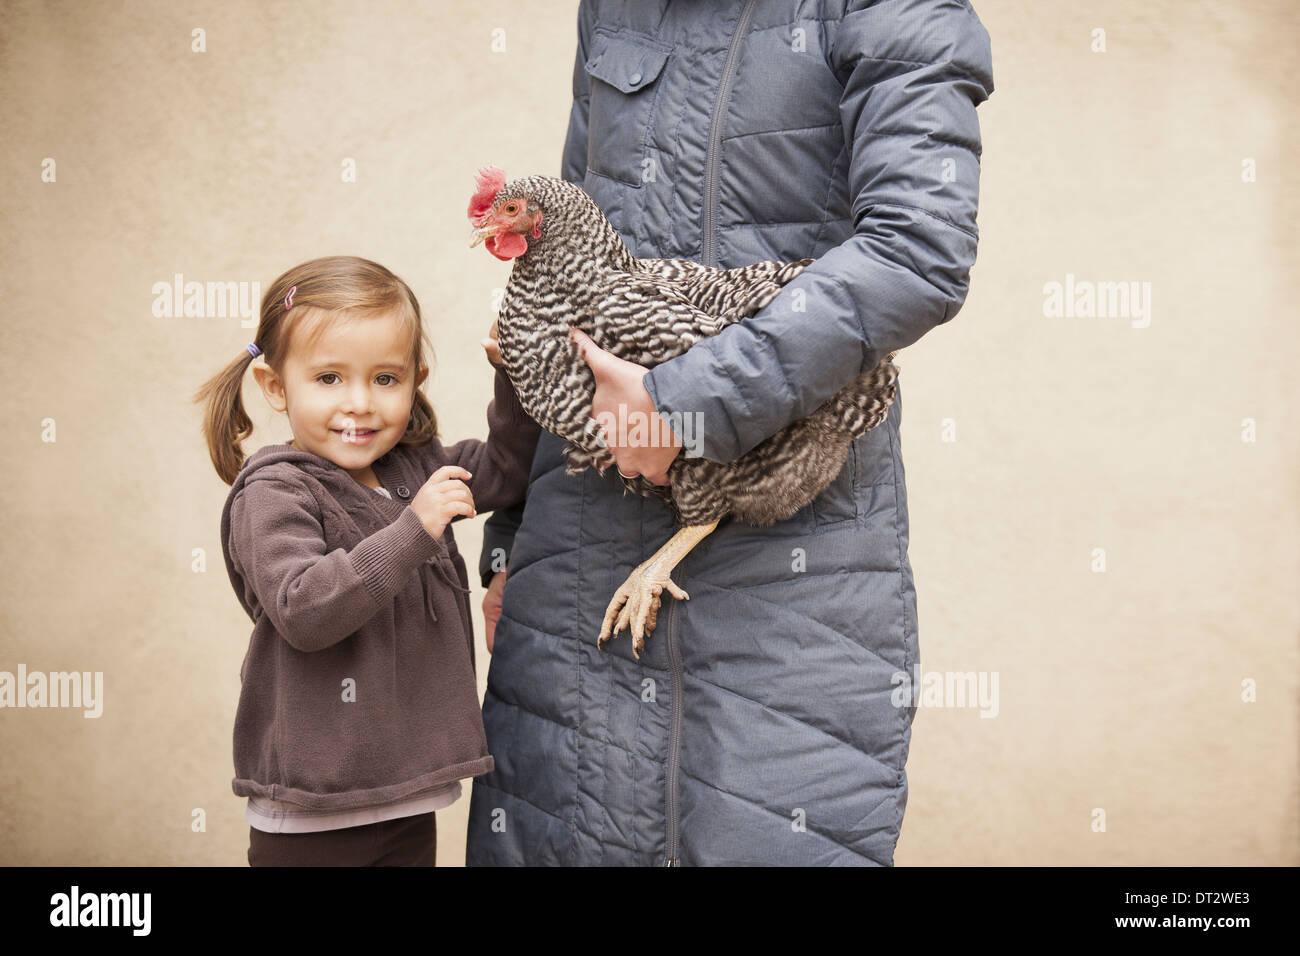 Eine Frau hält ein schwarzen und weißes Huhn mit einem roten Coxcomb unter einem Arm ein junges Mädchen neben ihr Betrieb ihrer anderen Seite Stockbild